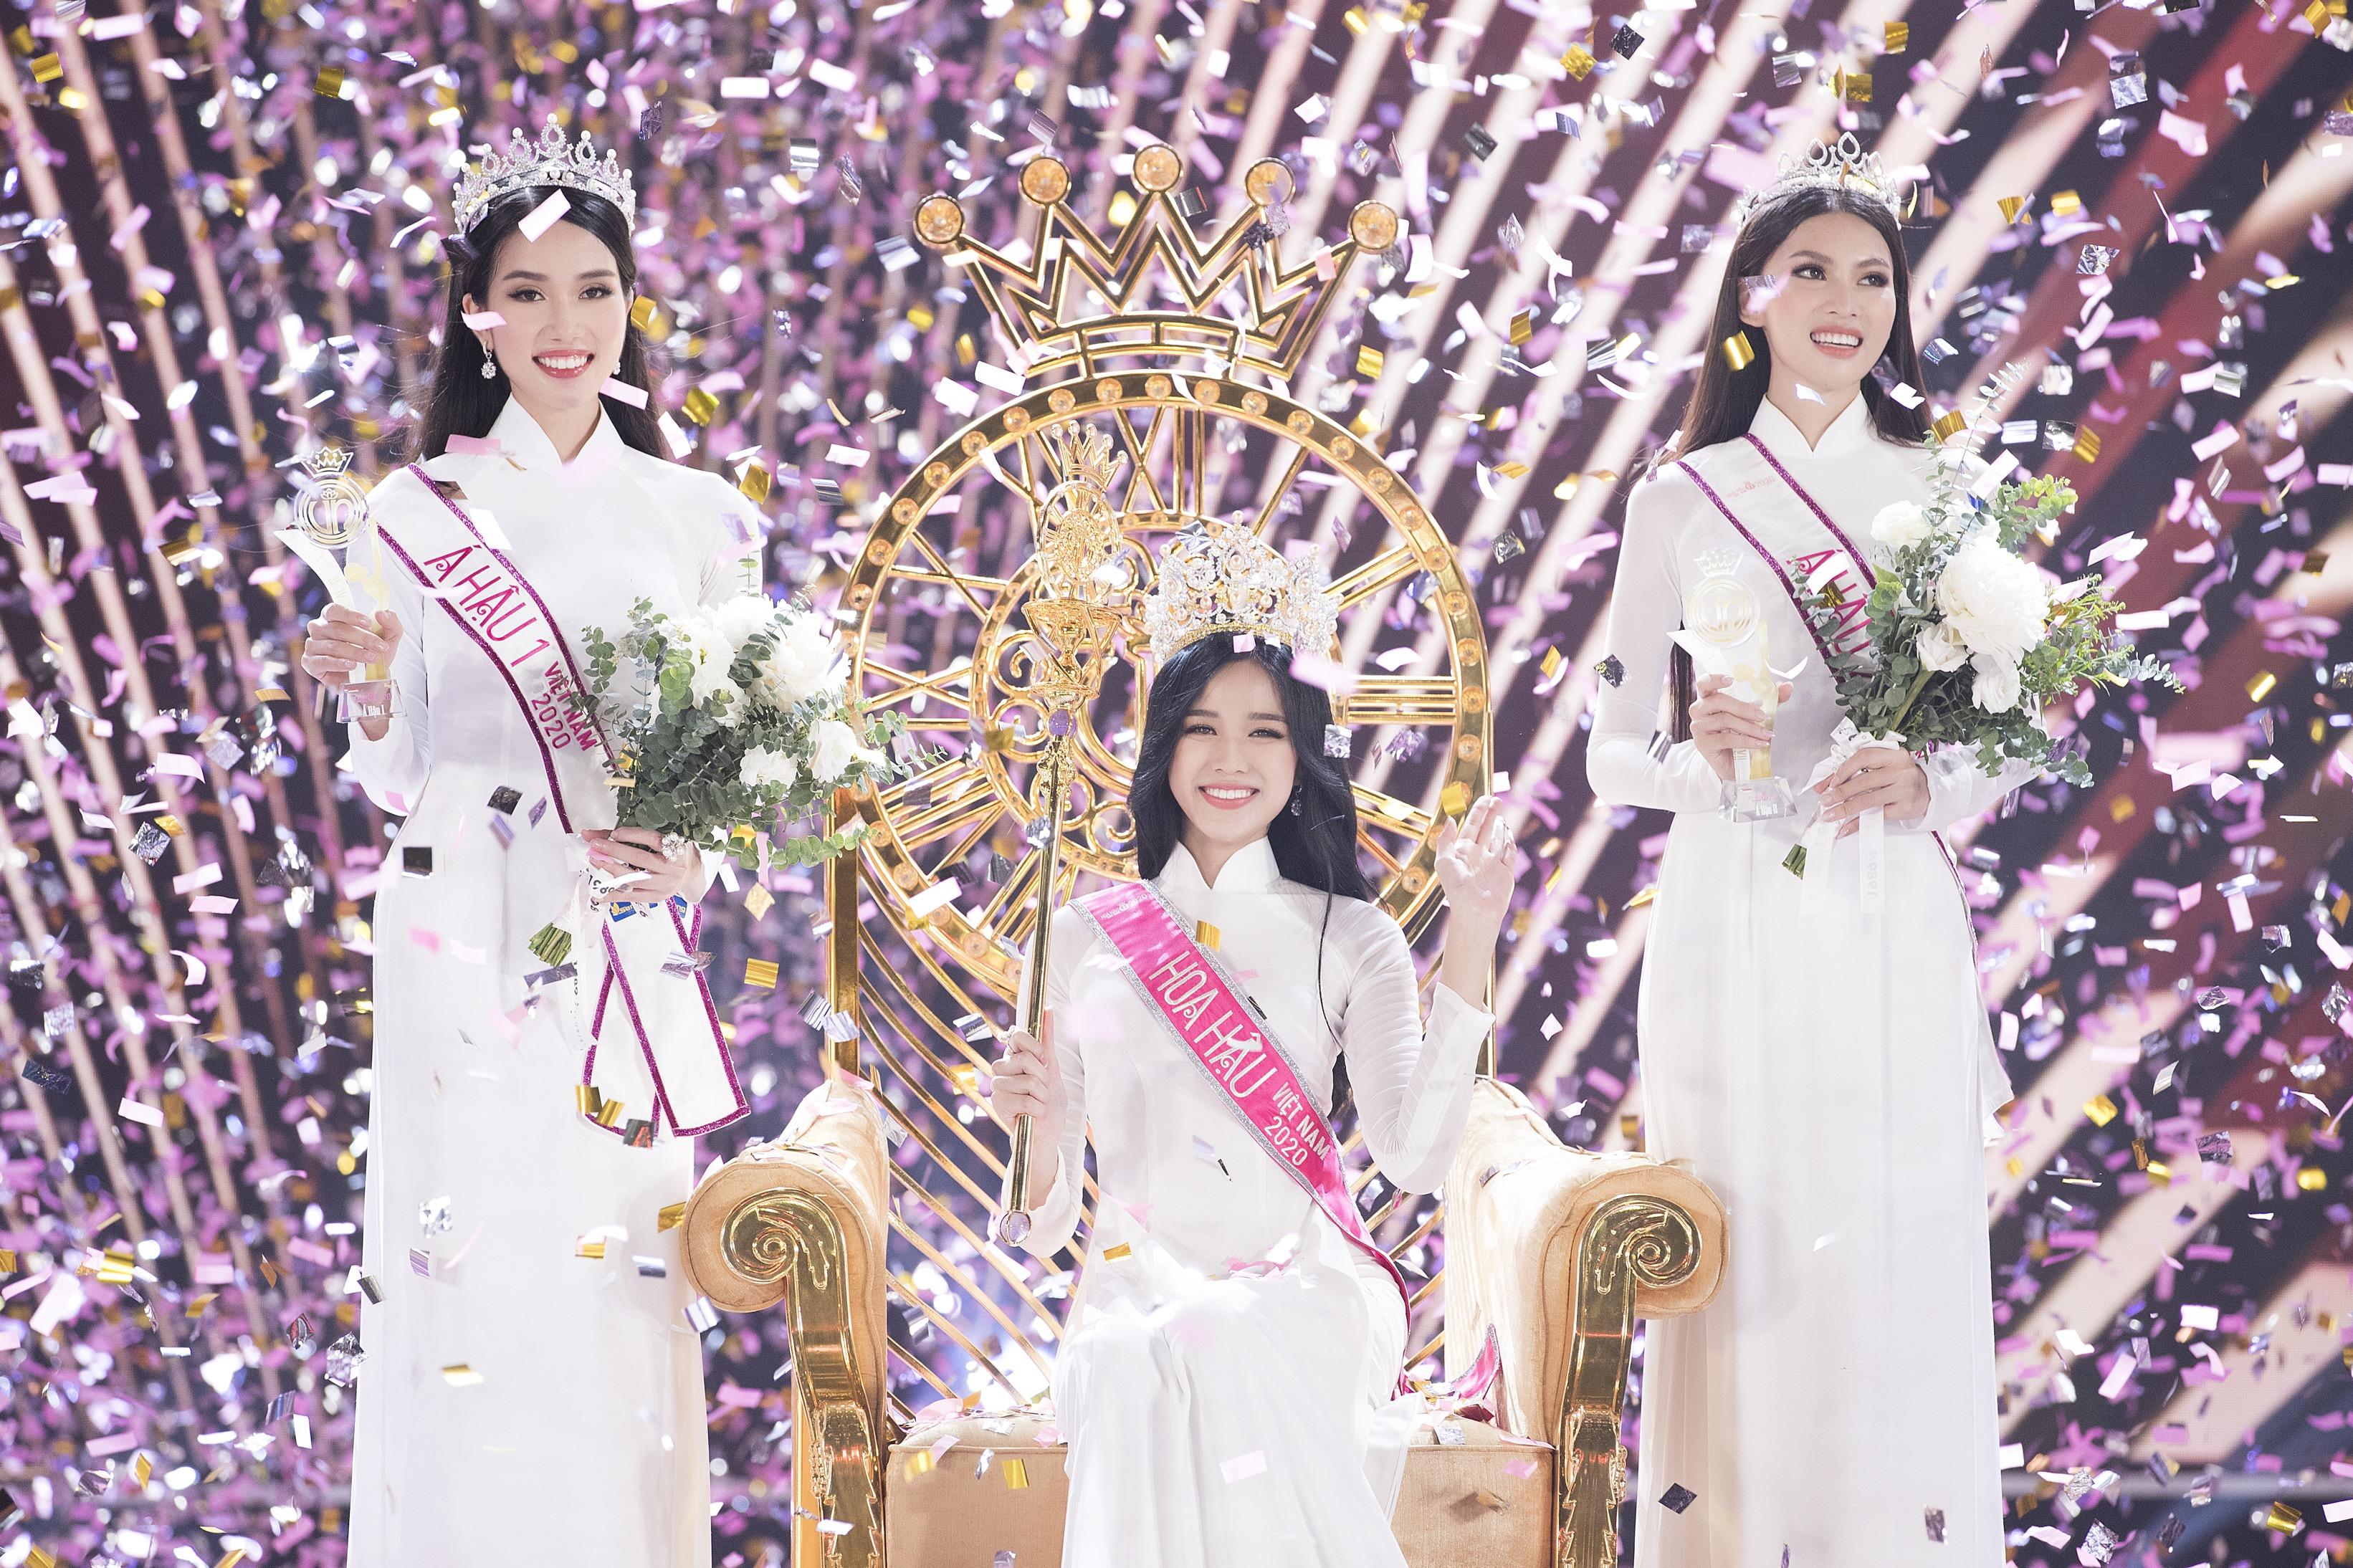 Bất ngờ chuyện Đỗ Thị Hà tự dự đoán mình đăng quang Hoa hậu 1 năm trước 1